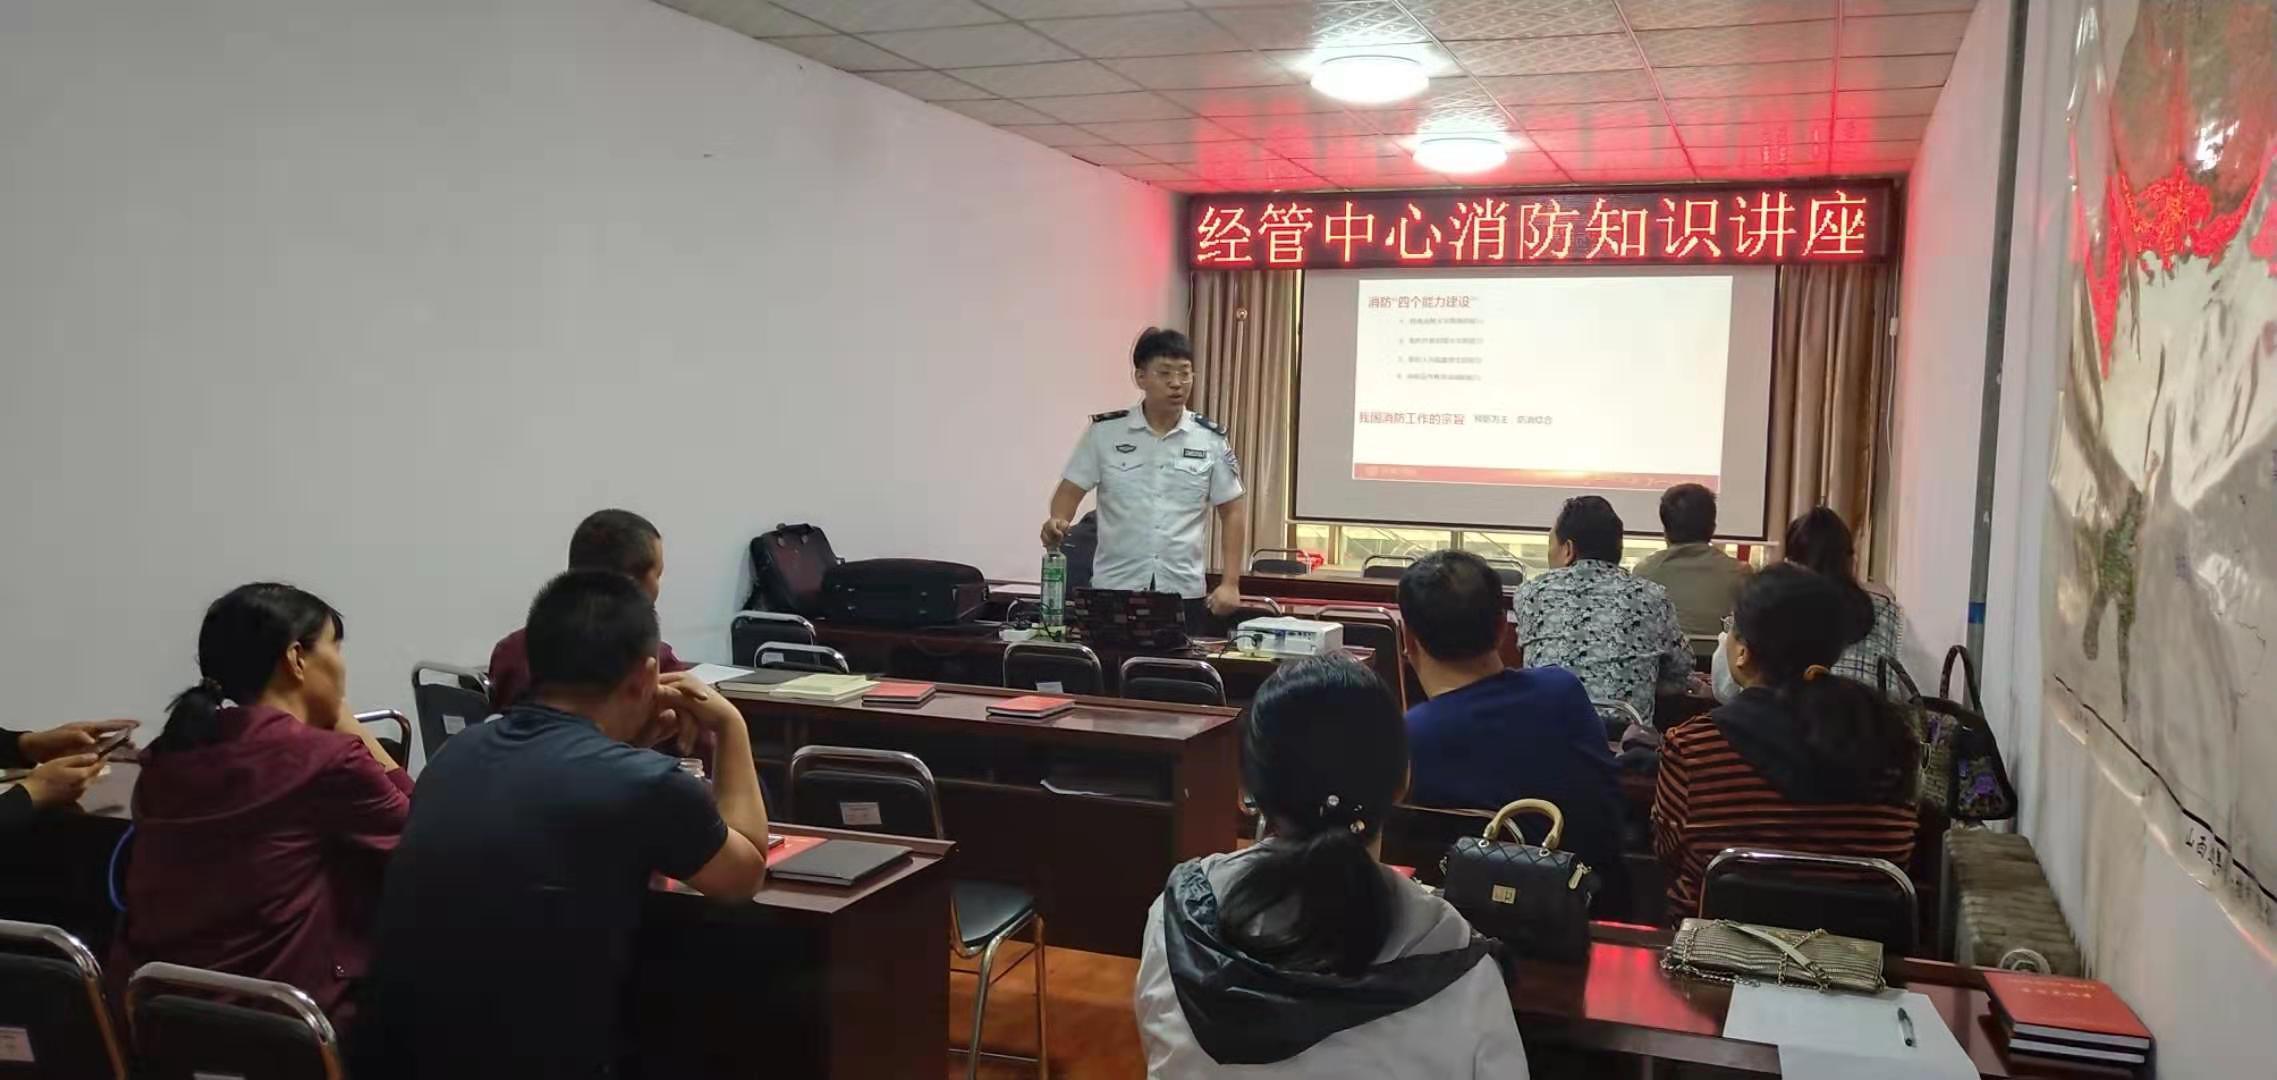 襄汾农业经营管理中心开展消防知识培训及演练活动